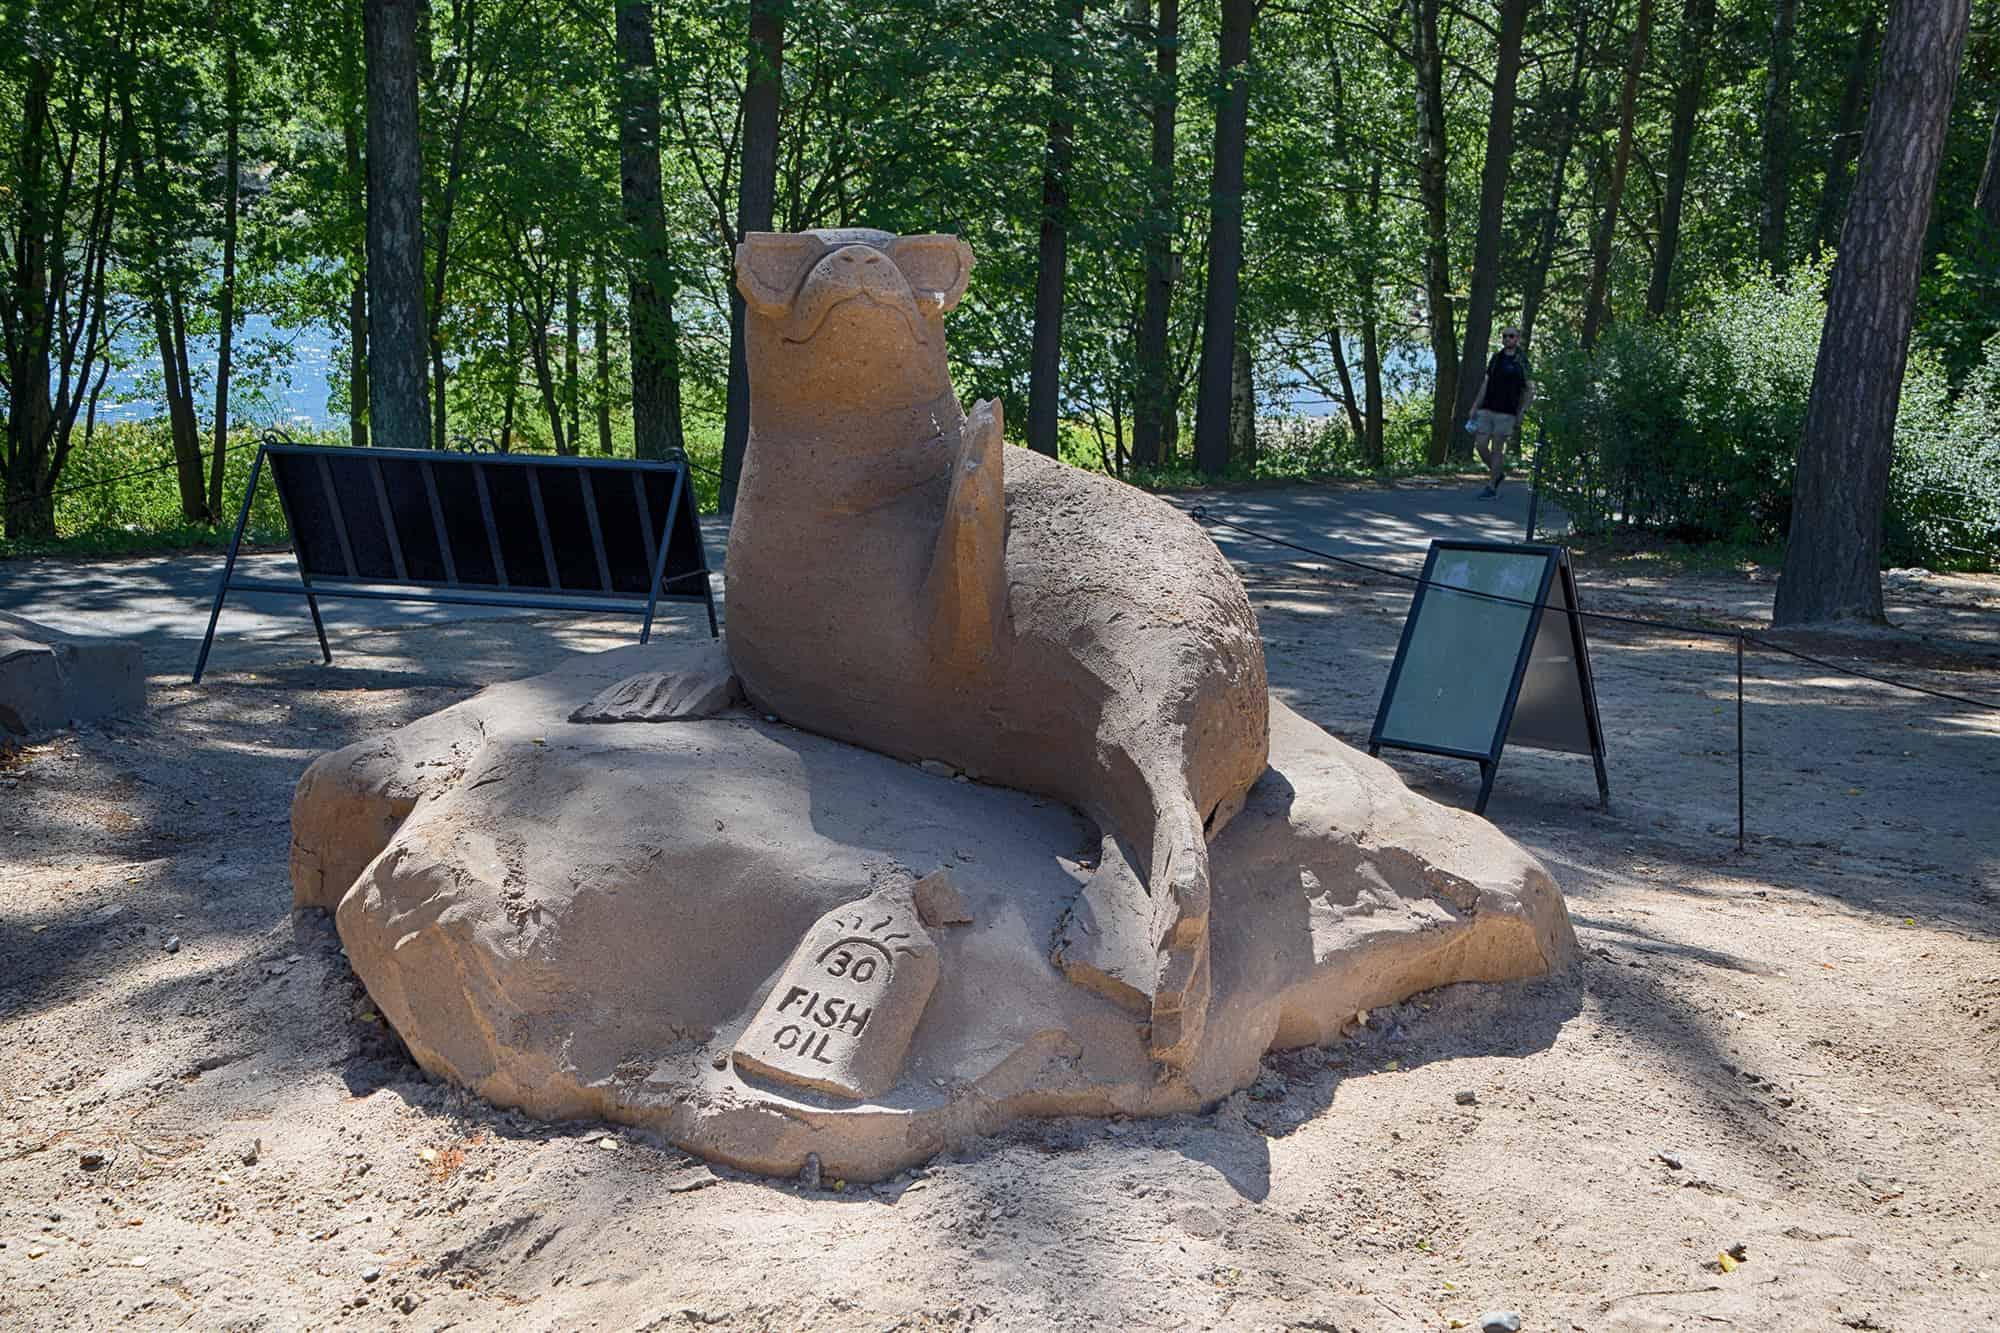 Πάντα υπάρχουν γλυπτά από άμμο στον ζωολογικό κήπο του Ελσίνκι